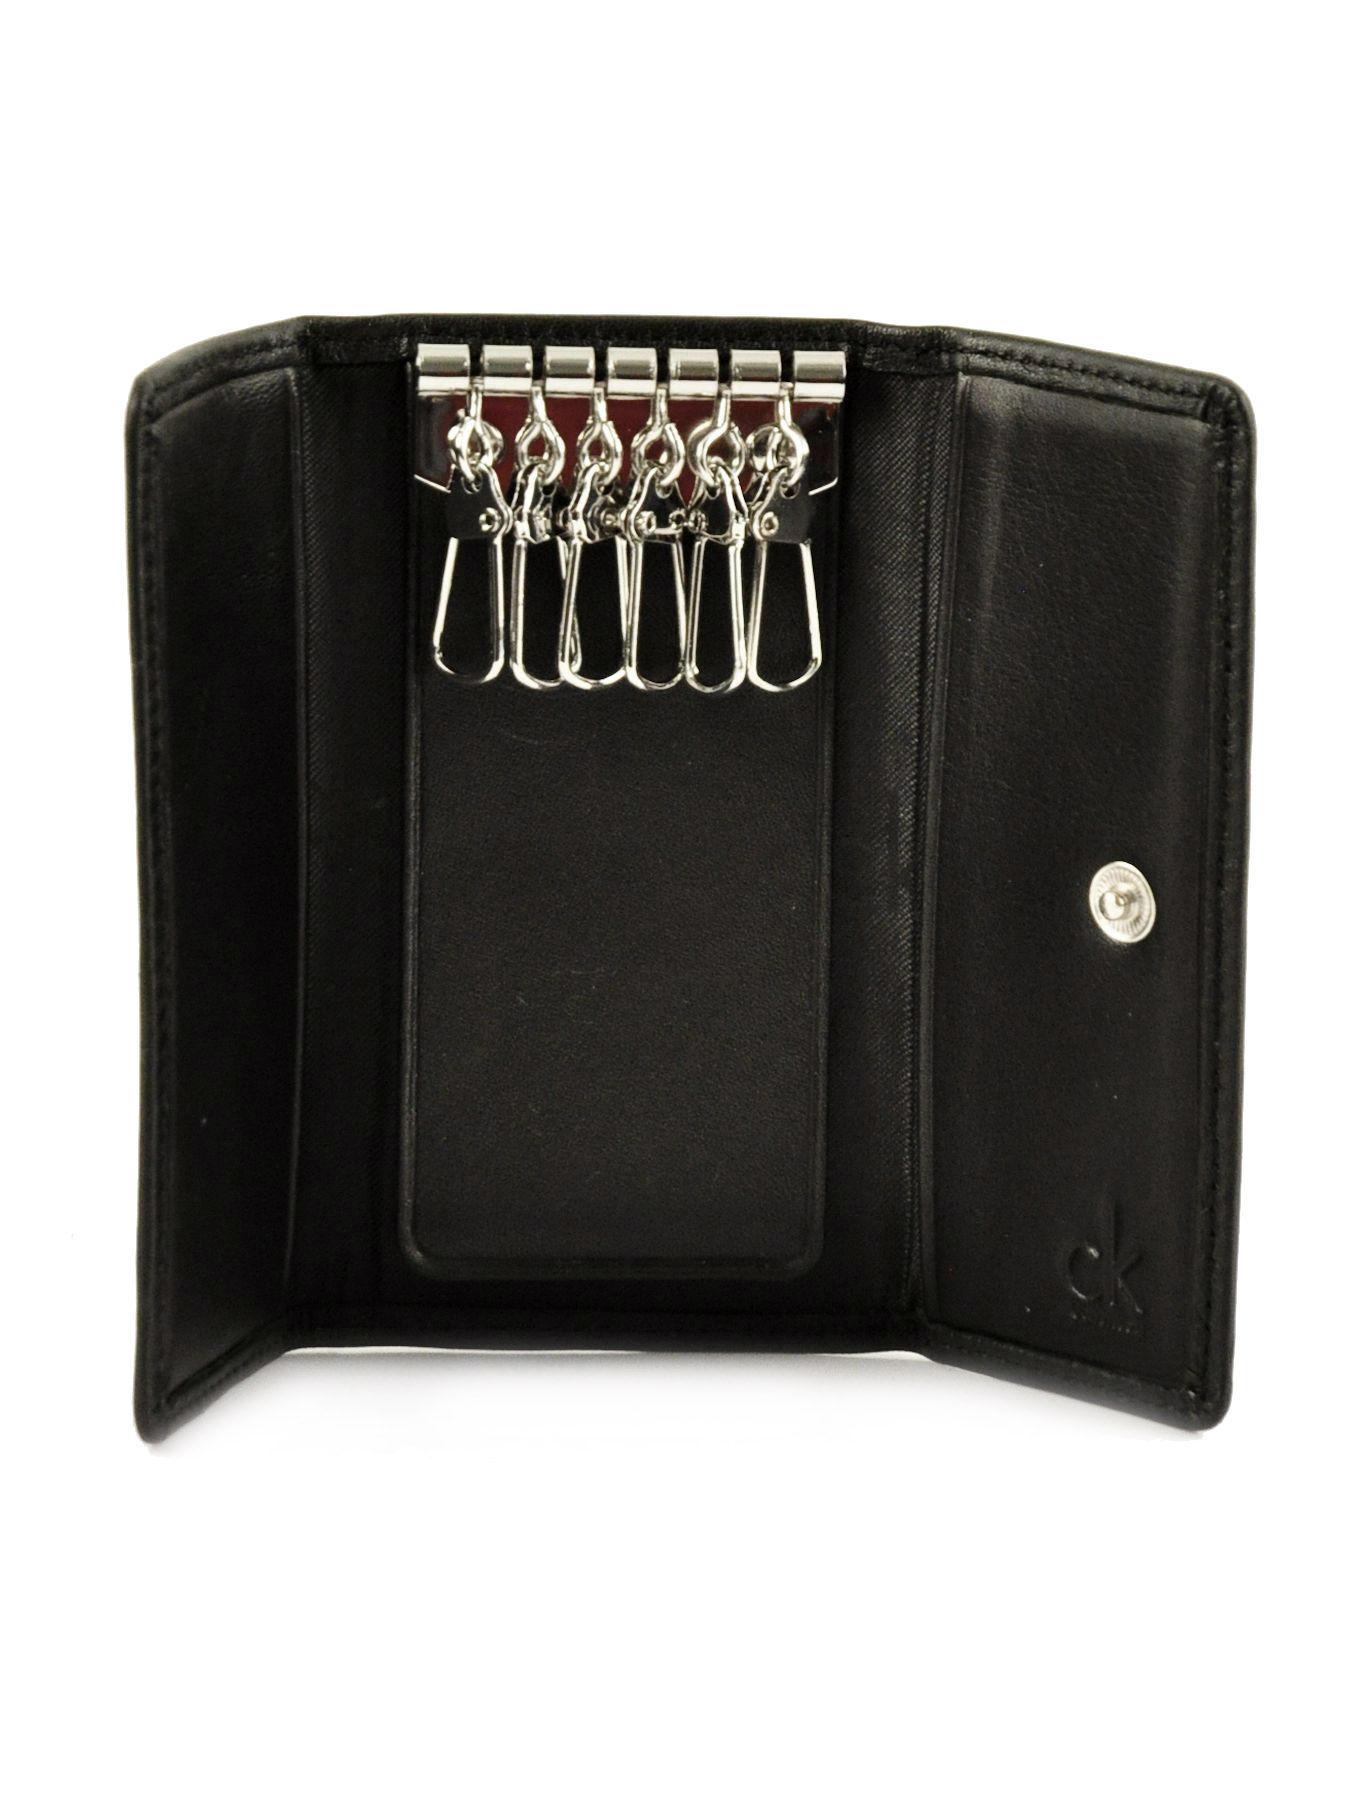 porte clefs calvin klein montaigne montaigne en vente au meilleur prix. Black Bedroom Furniture Sets. Home Design Ideas